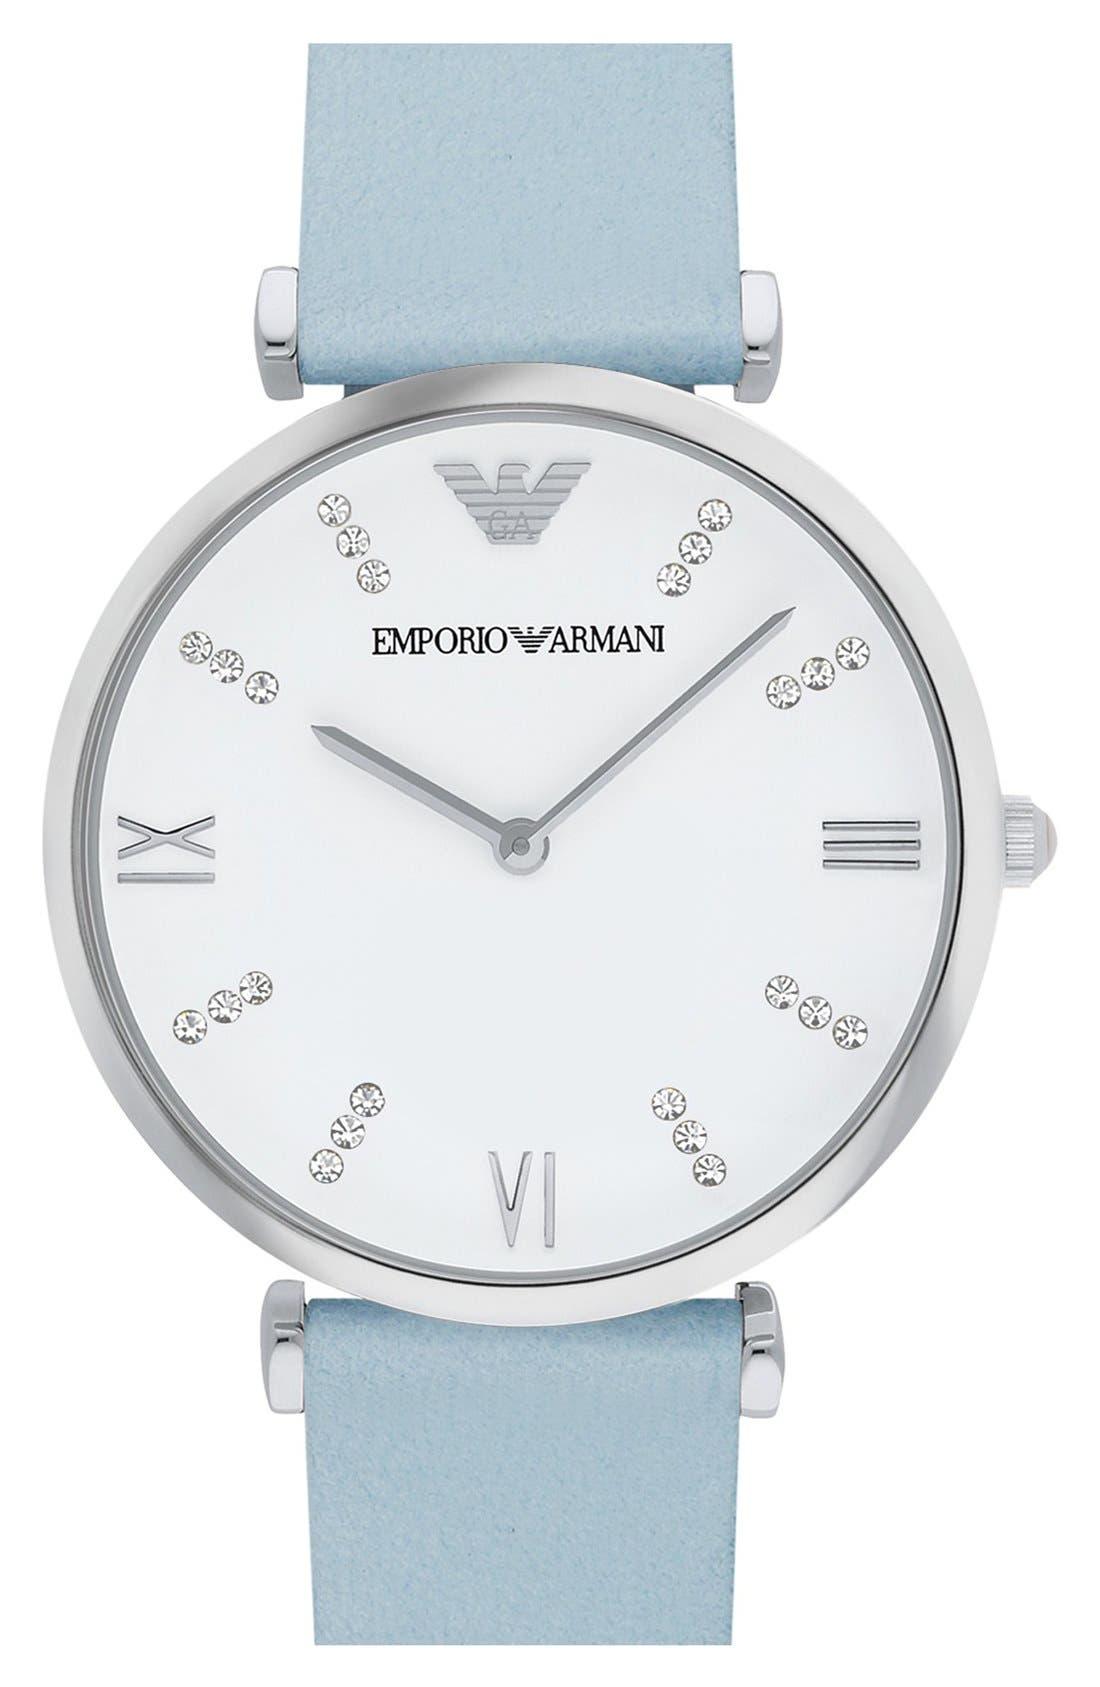 Main Image - EmporioArmani 'Retro' Leather Strap Watch, 32mm